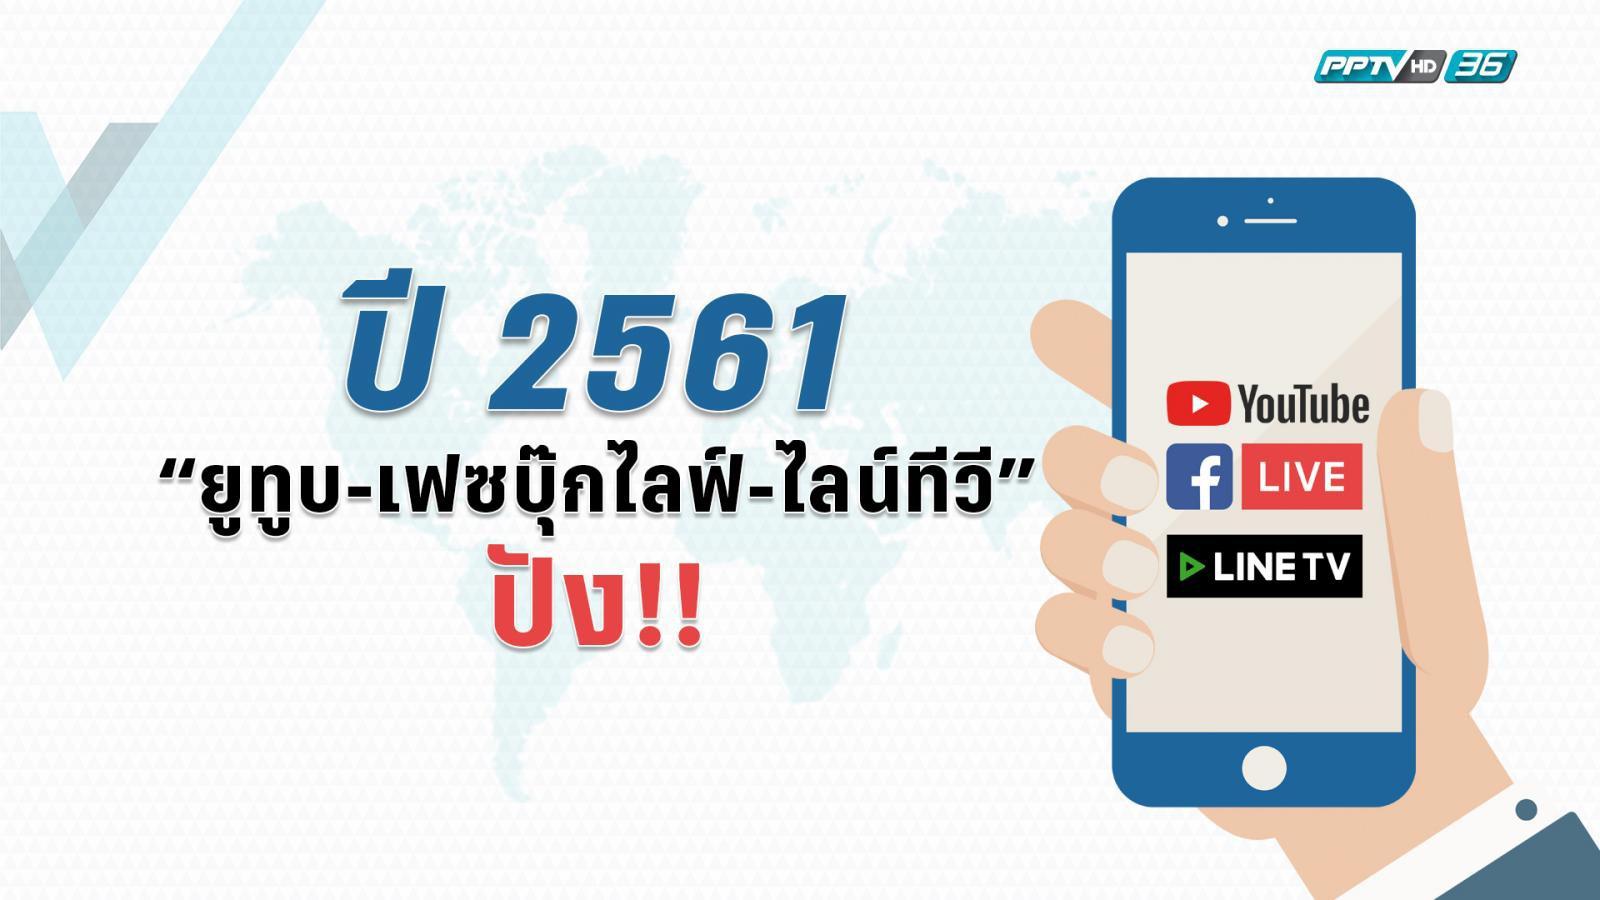 """ปี 2561 """"ยูทูบ-เฟซบุ๊กไลฟ์-ไลน์ทีวี"""" ปัง!!"""